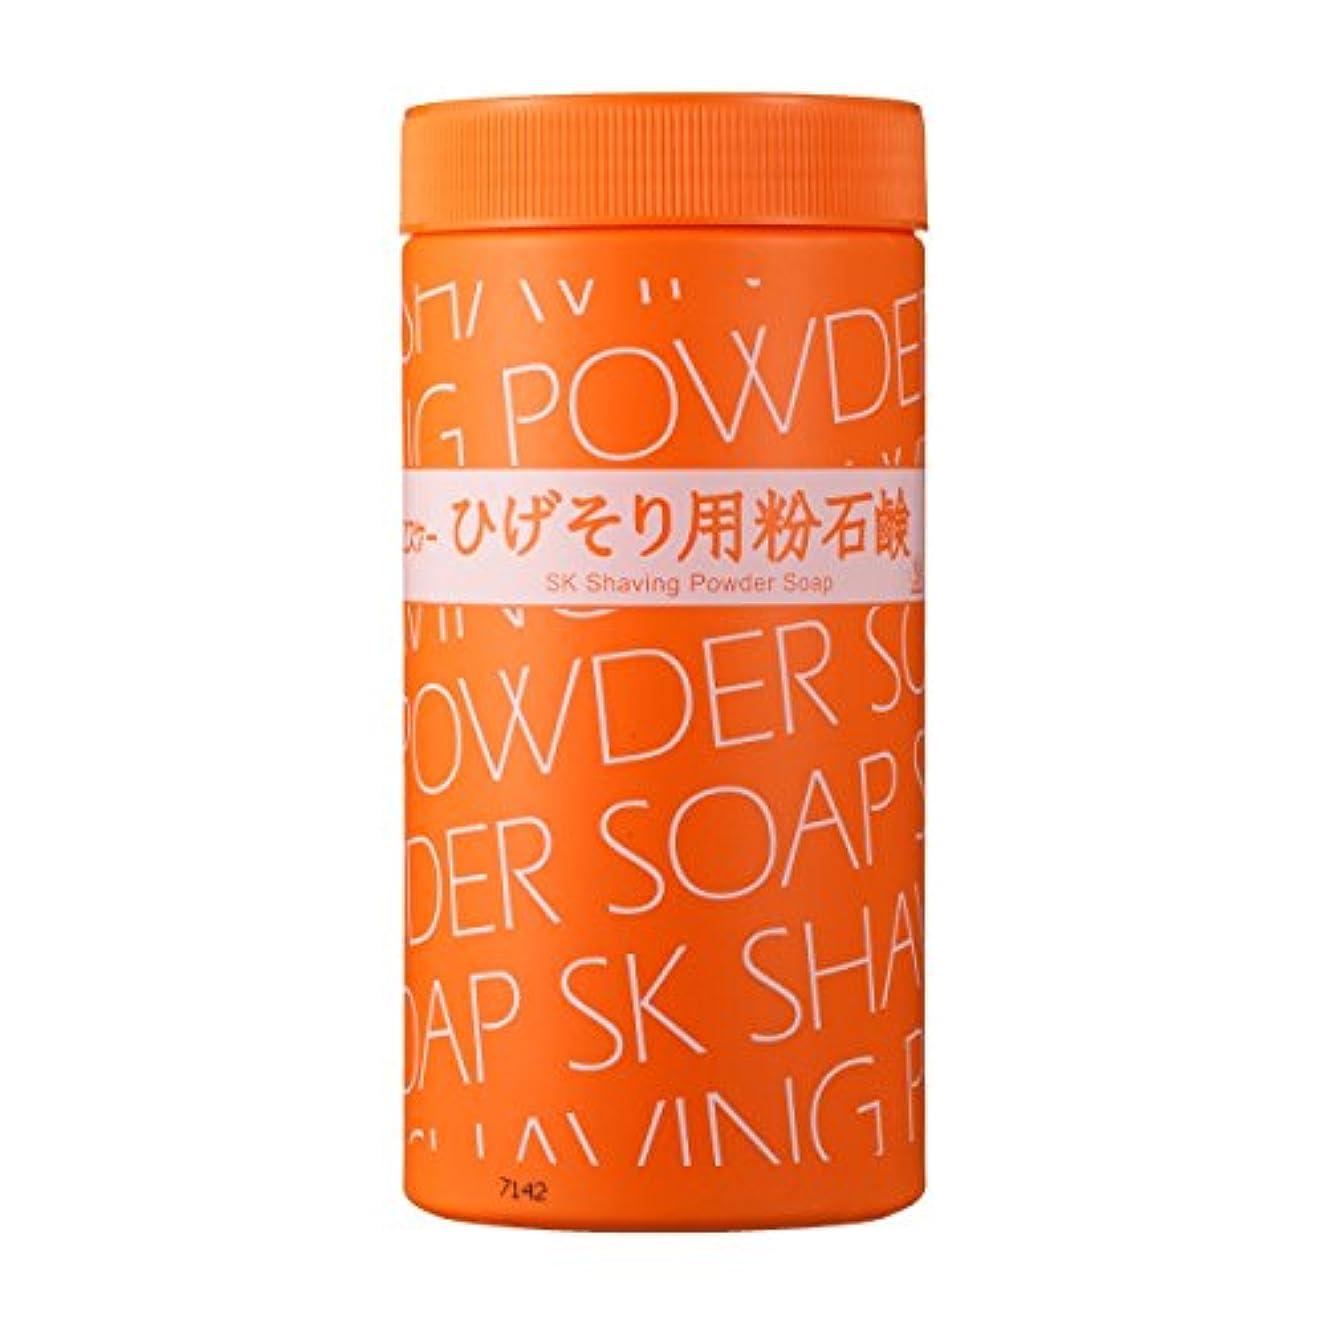 敬の念固める識別するエスケー石鹸 エスケー ひげそり用 粉石鹸 500g シェービングフォーム